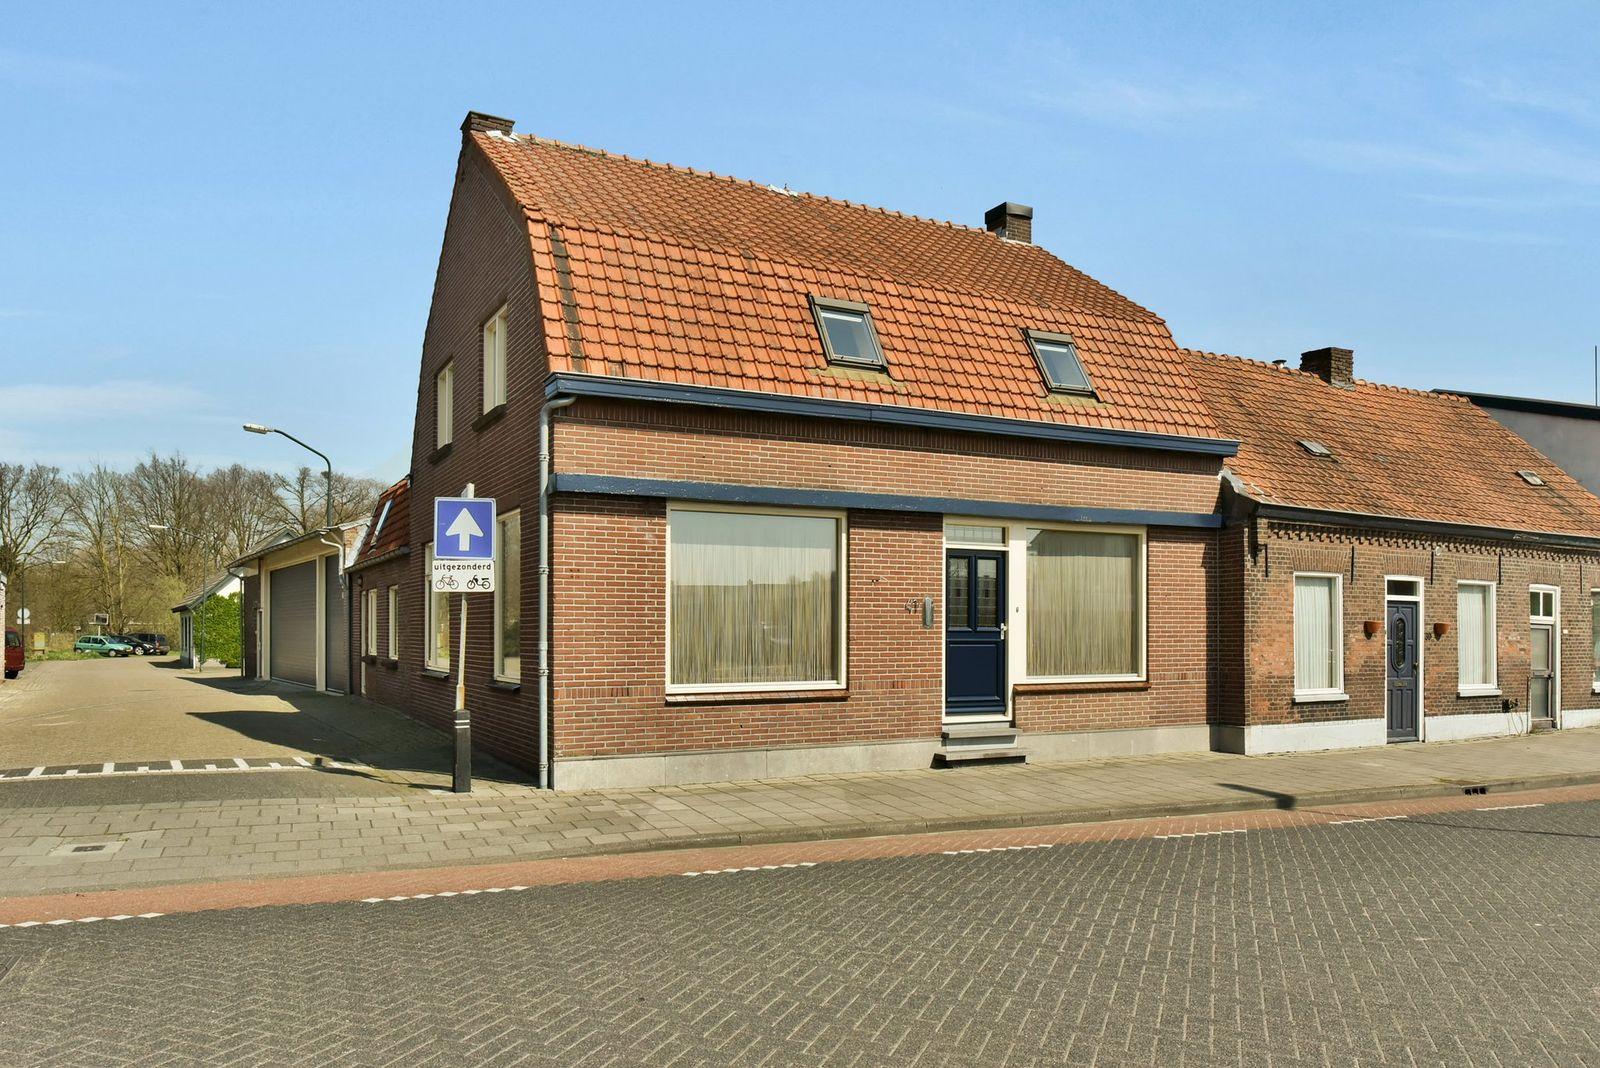 Gasthuisstraat 41, Veghel